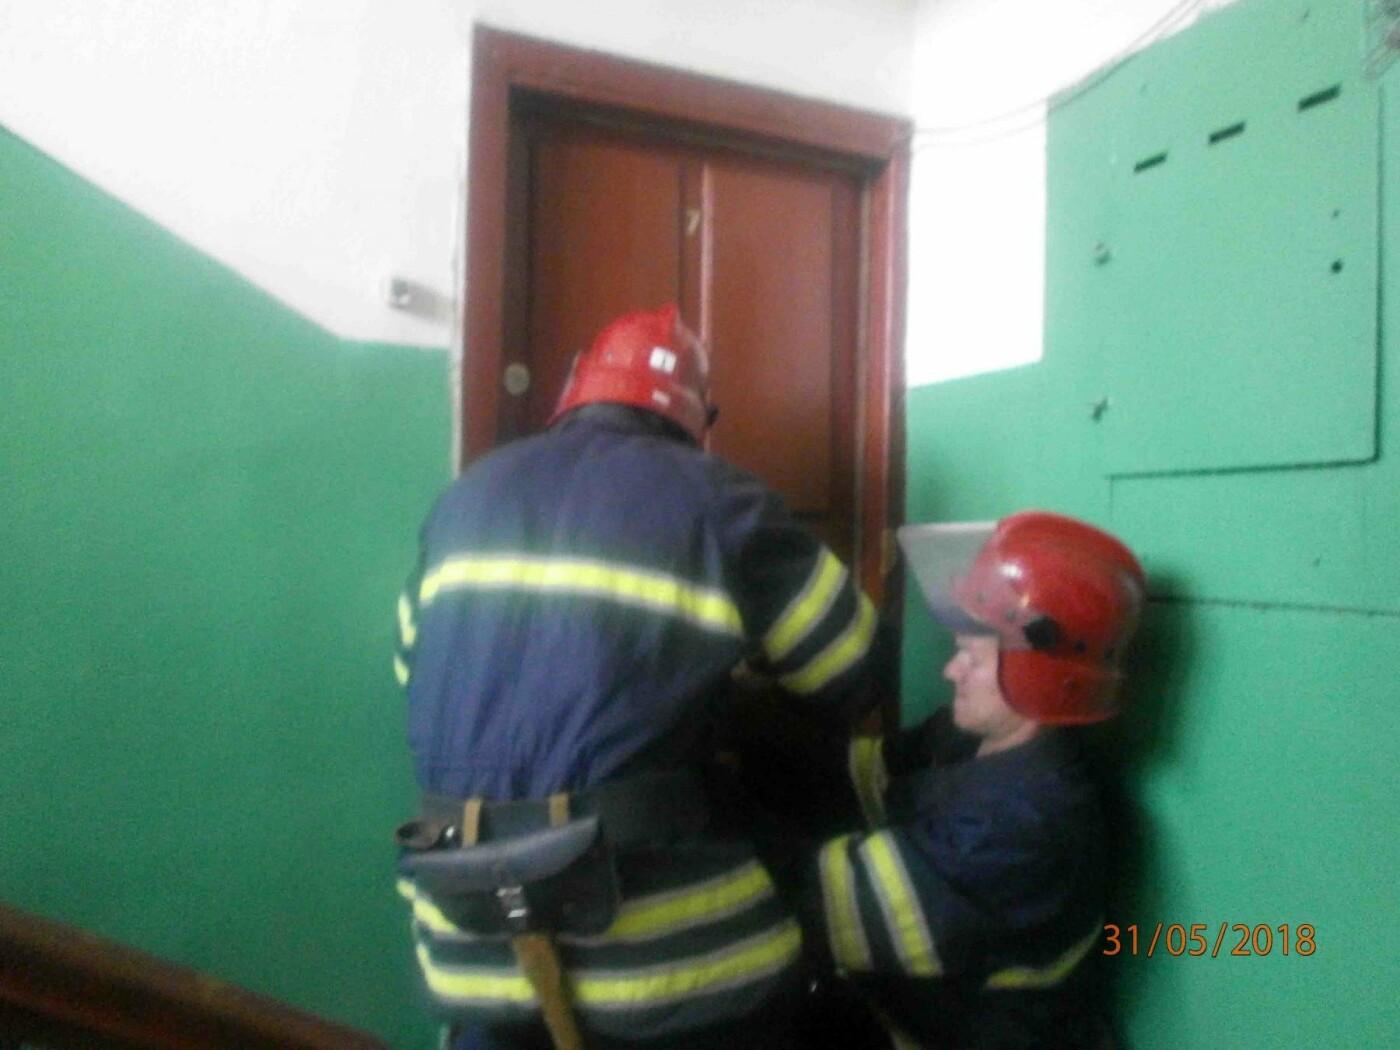 Білоцерківські рятувальники знайшли в квартирі мертвого чоловіка, фото-1